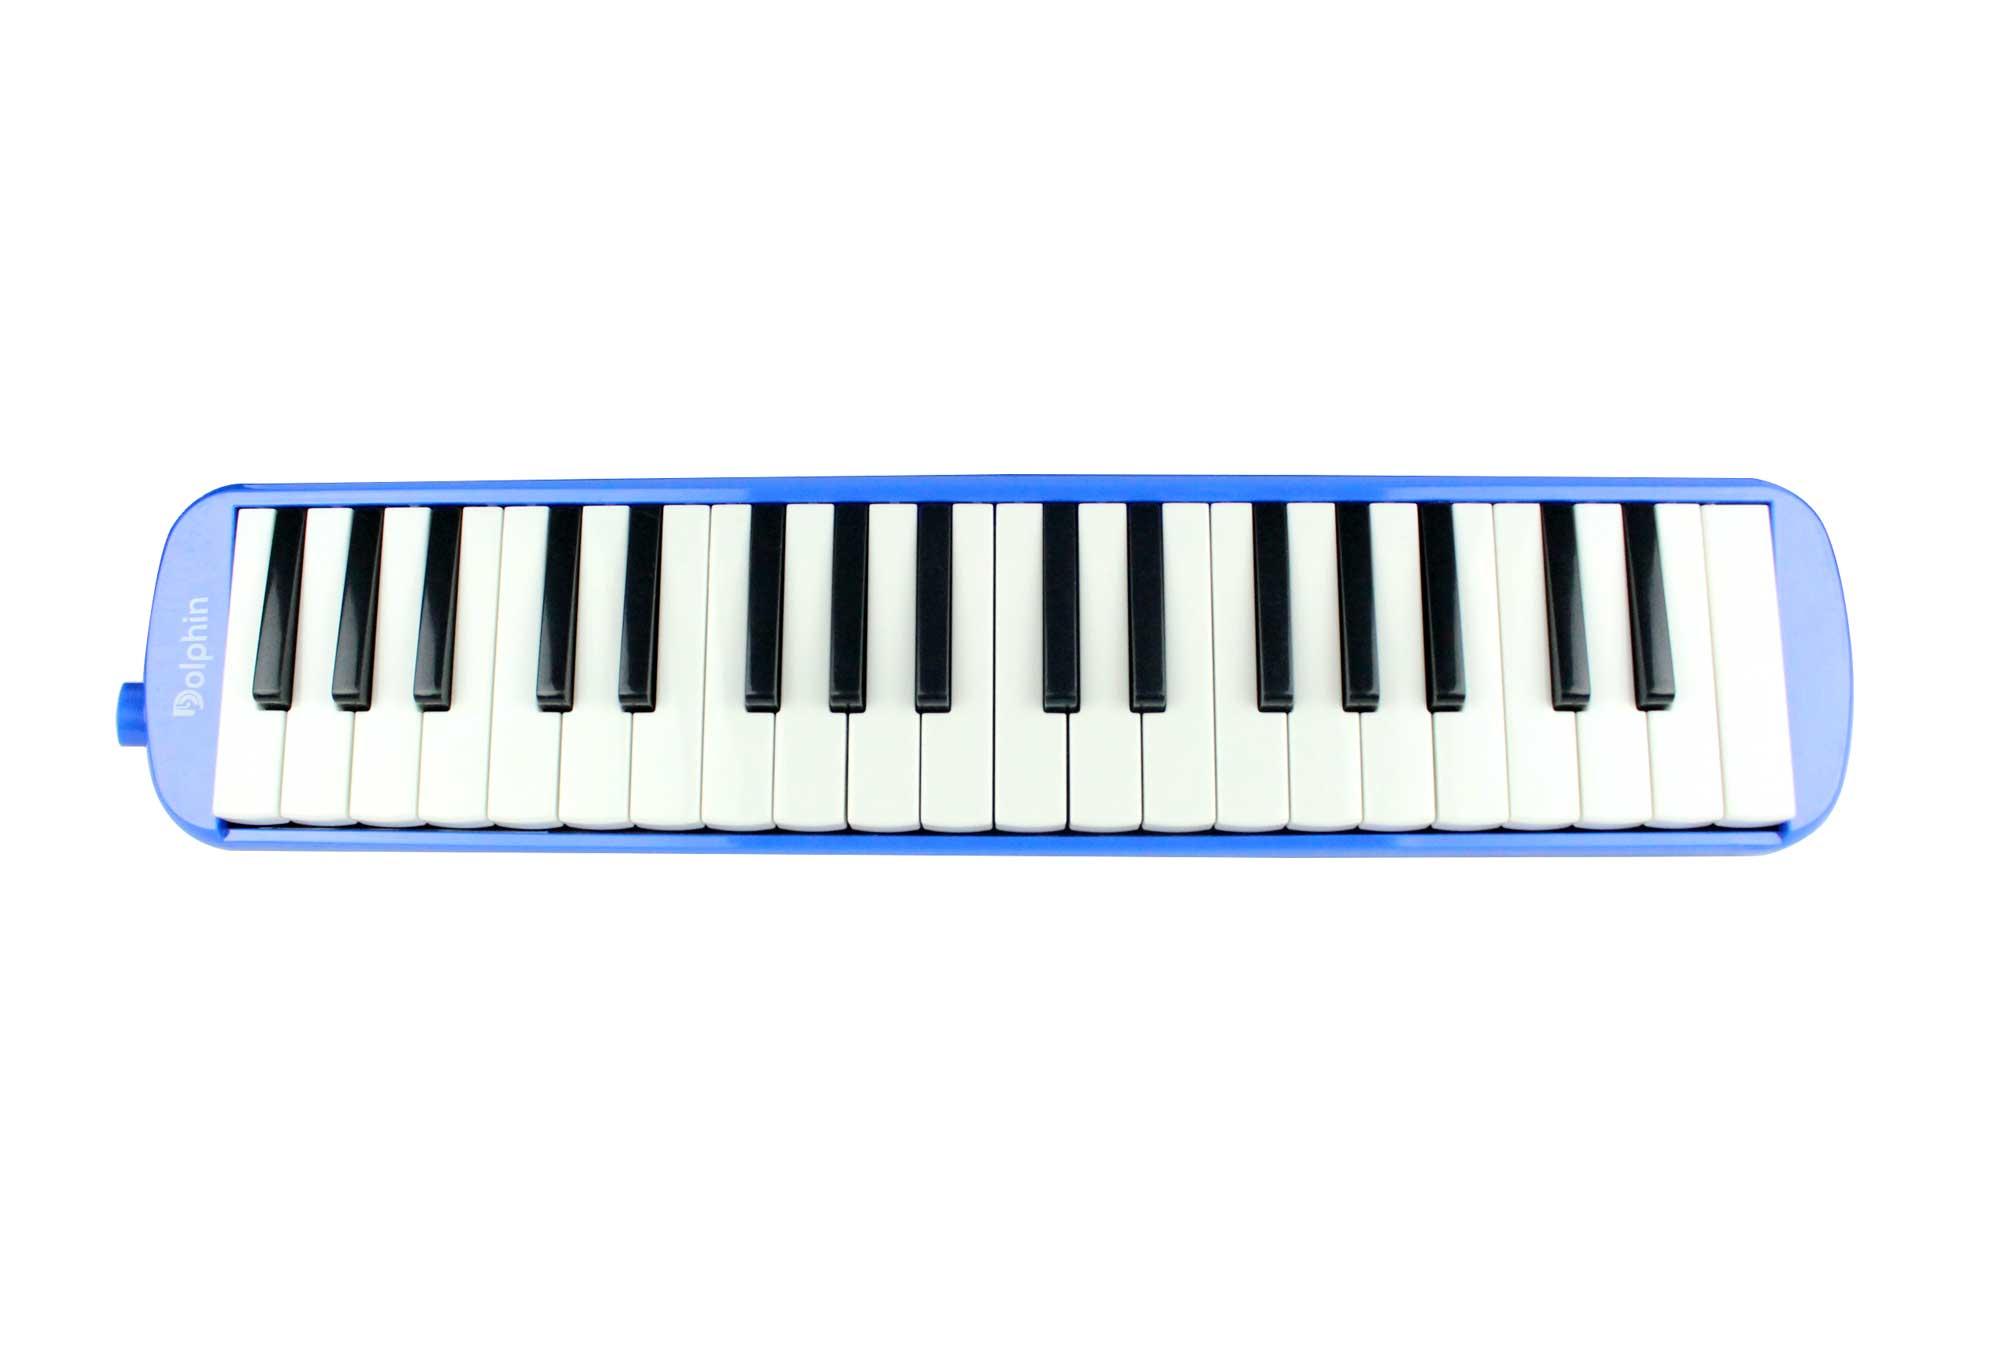 Escaleta melodica 37 teclas azul Dolphin ESCALETA37AZ-C